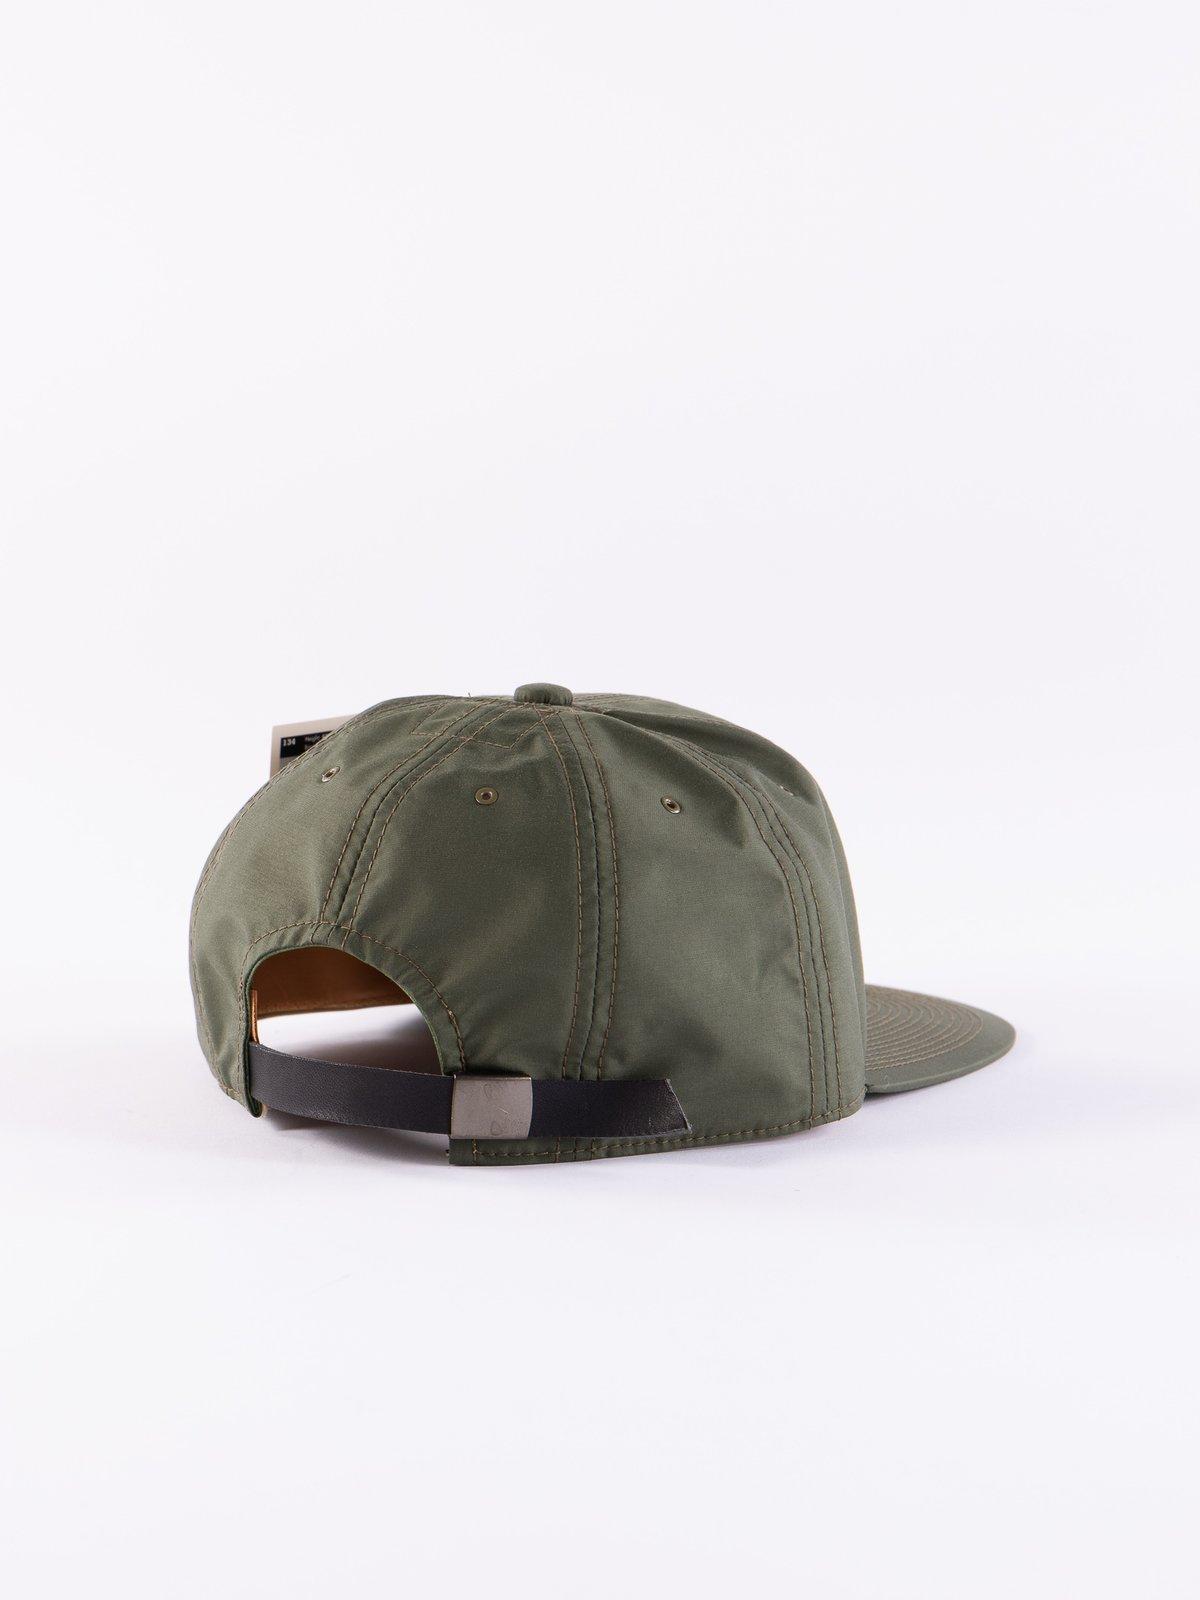 Olive Waterproof Cap - Image 2